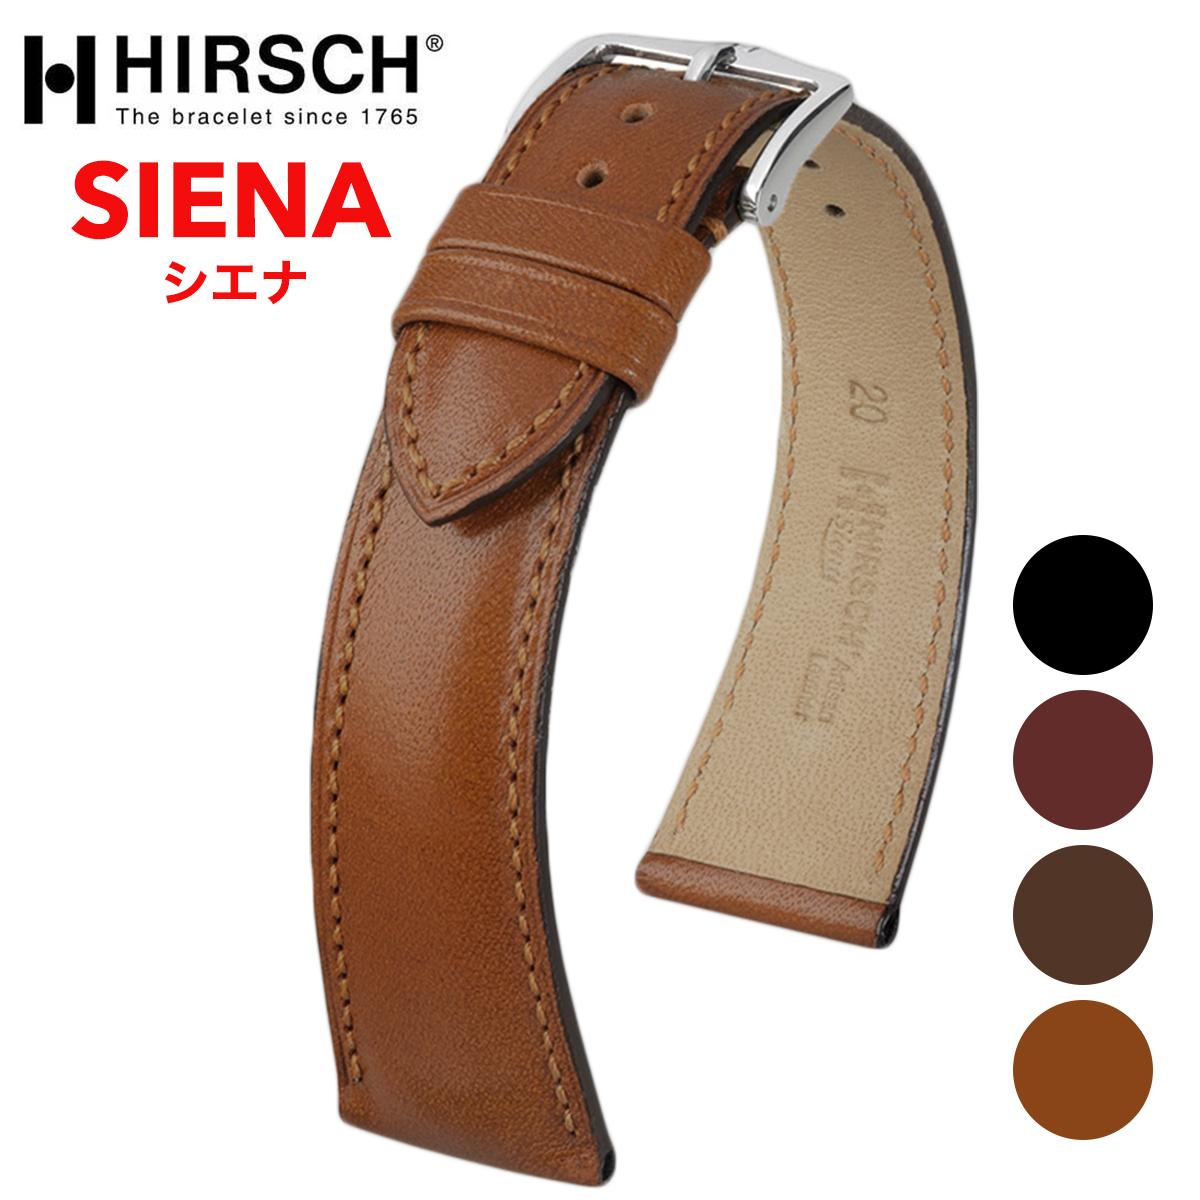 腕時計用 レザーベルト 取付幅:14mm/16mm/18mm/19mm/20mm 汎用品 純正品 HIRSCH [SIENA シエナ] (尾錠) ピンバックル付き [H33]